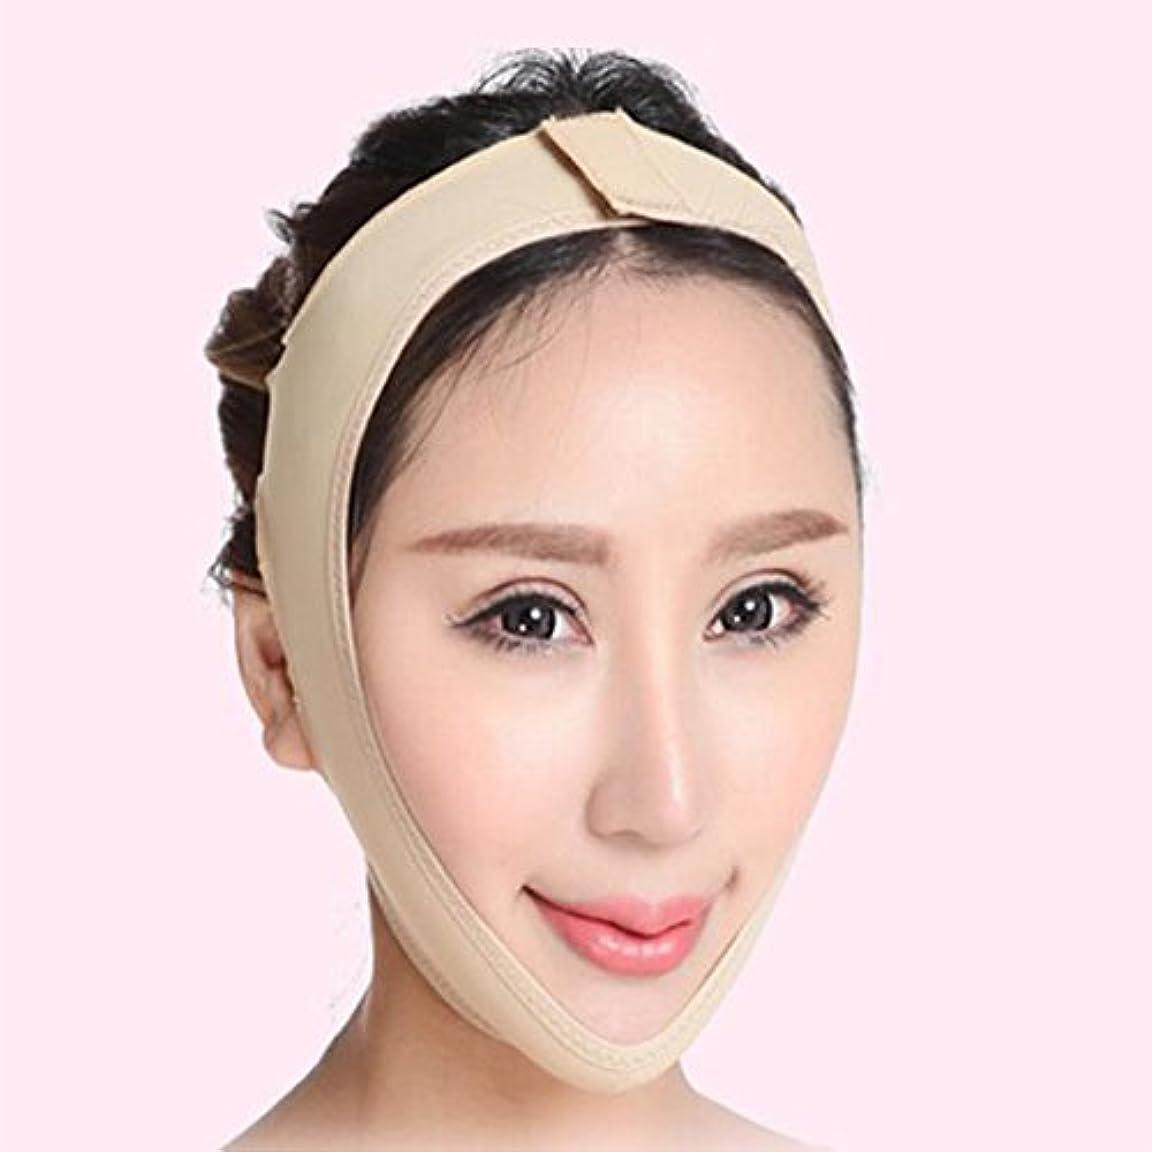 汚い新聞宣伝1stモール 小顔 小顔マスク リフトアップ マスク フェイスライン 矯正 あご シャープ メンズ レディース Sサイズ ST-AZD15003-S